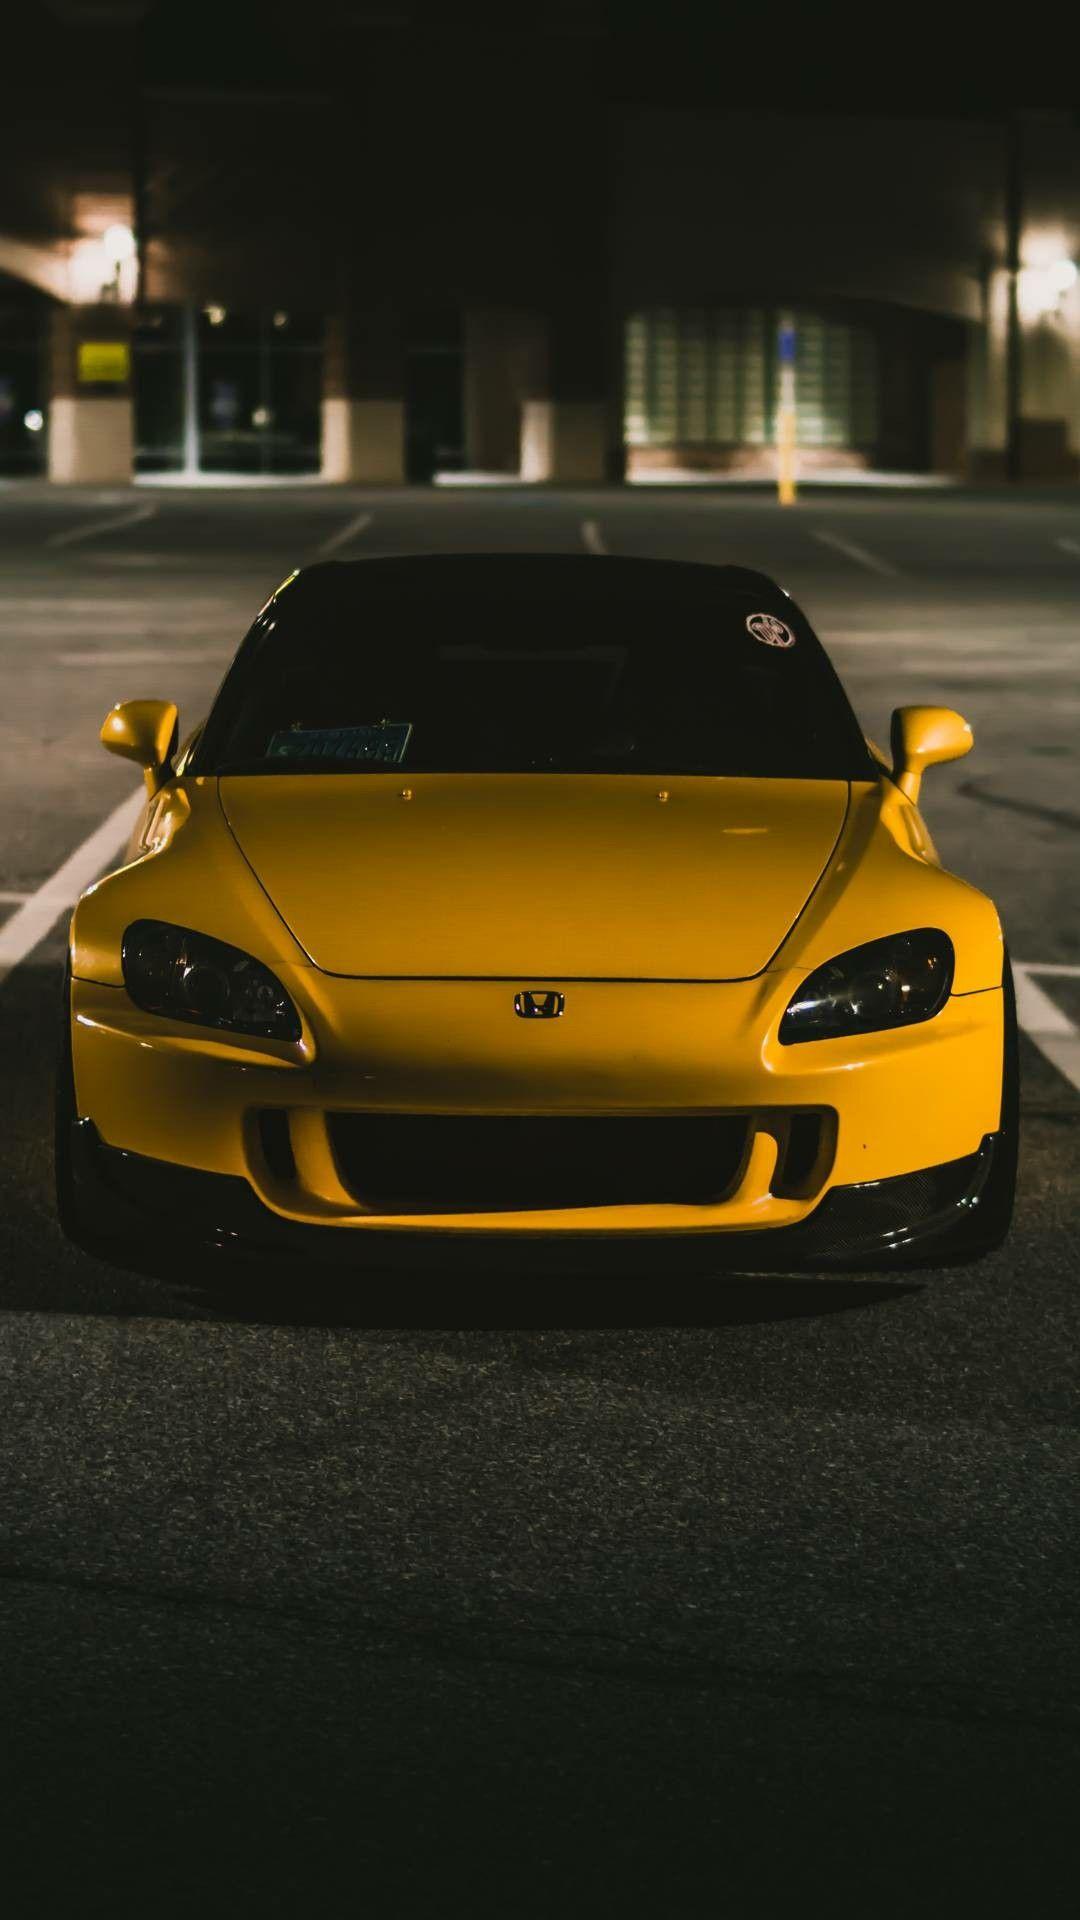 Yellow car Honda s2000, Honda, Car